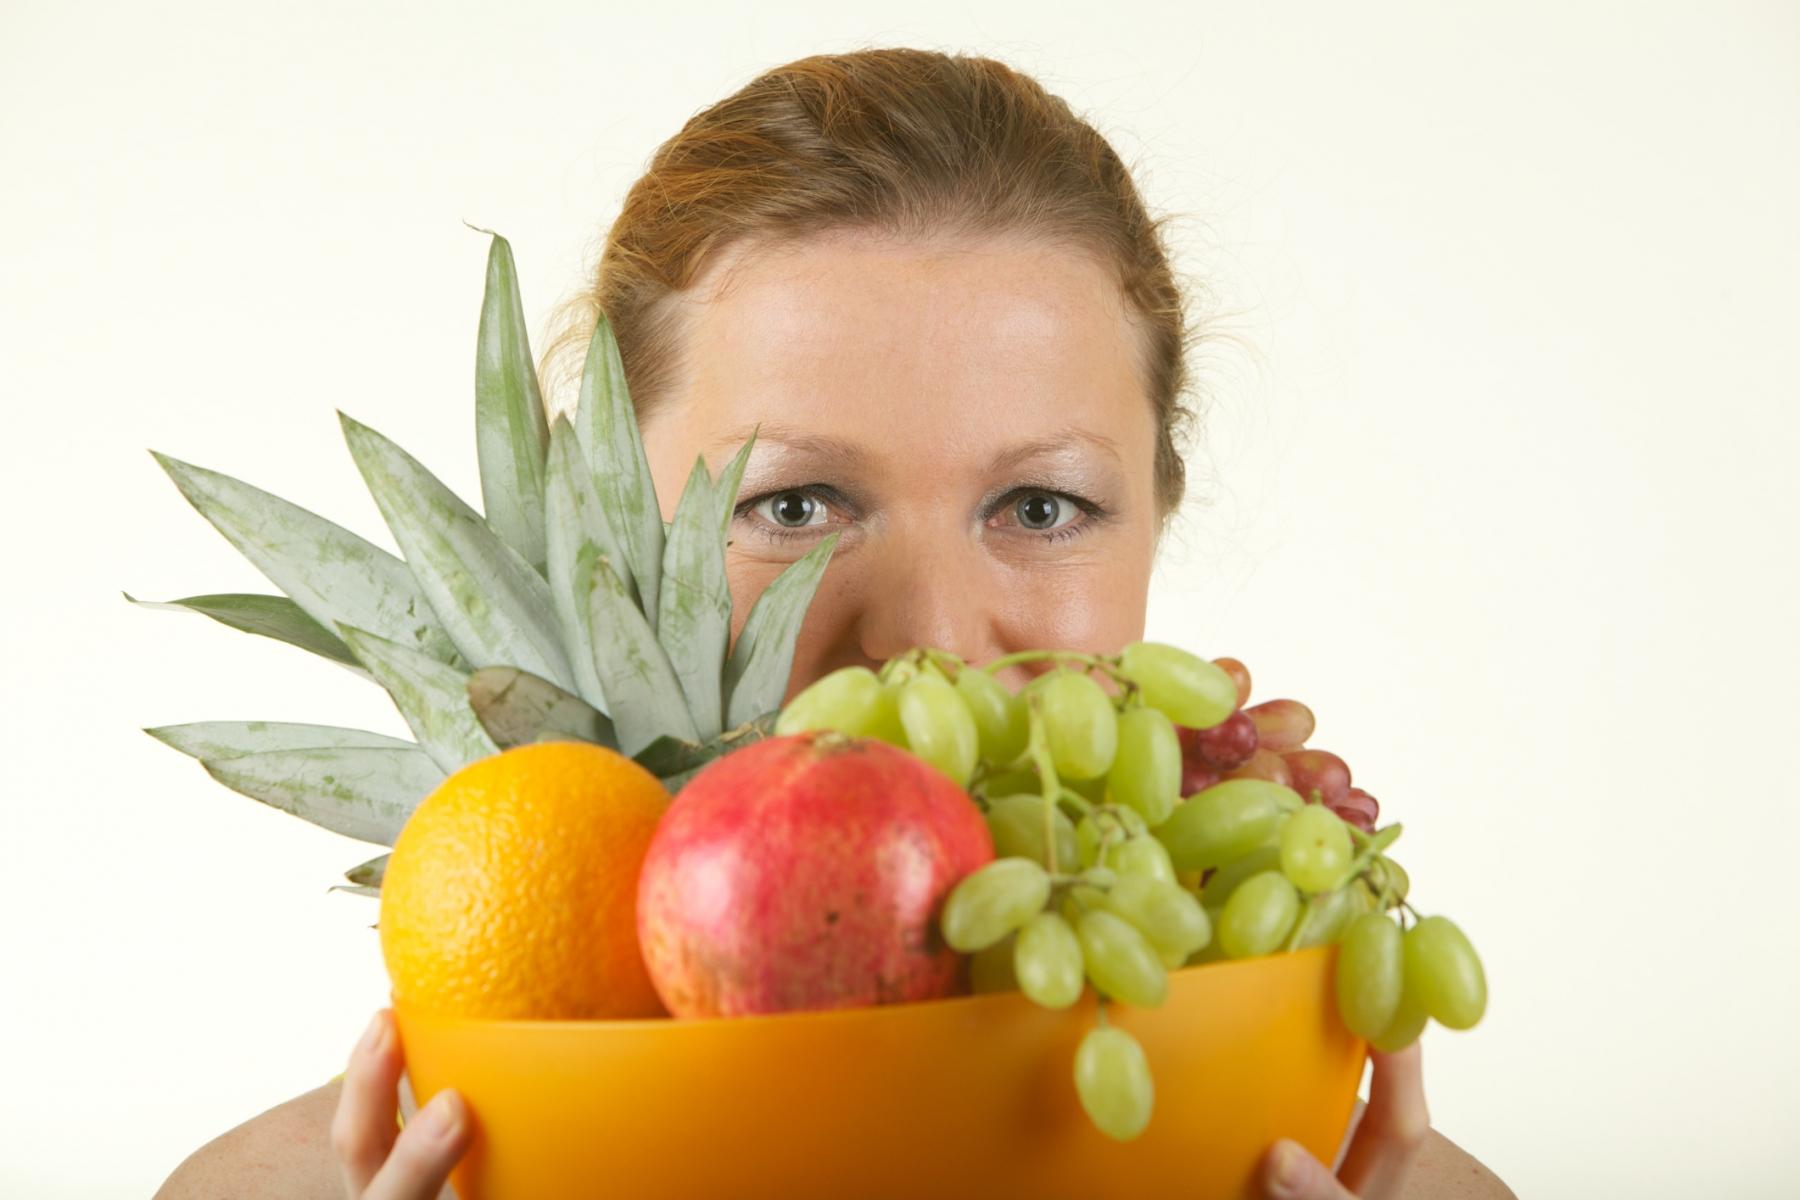 alimentazione-menopausa-articolo-ansa